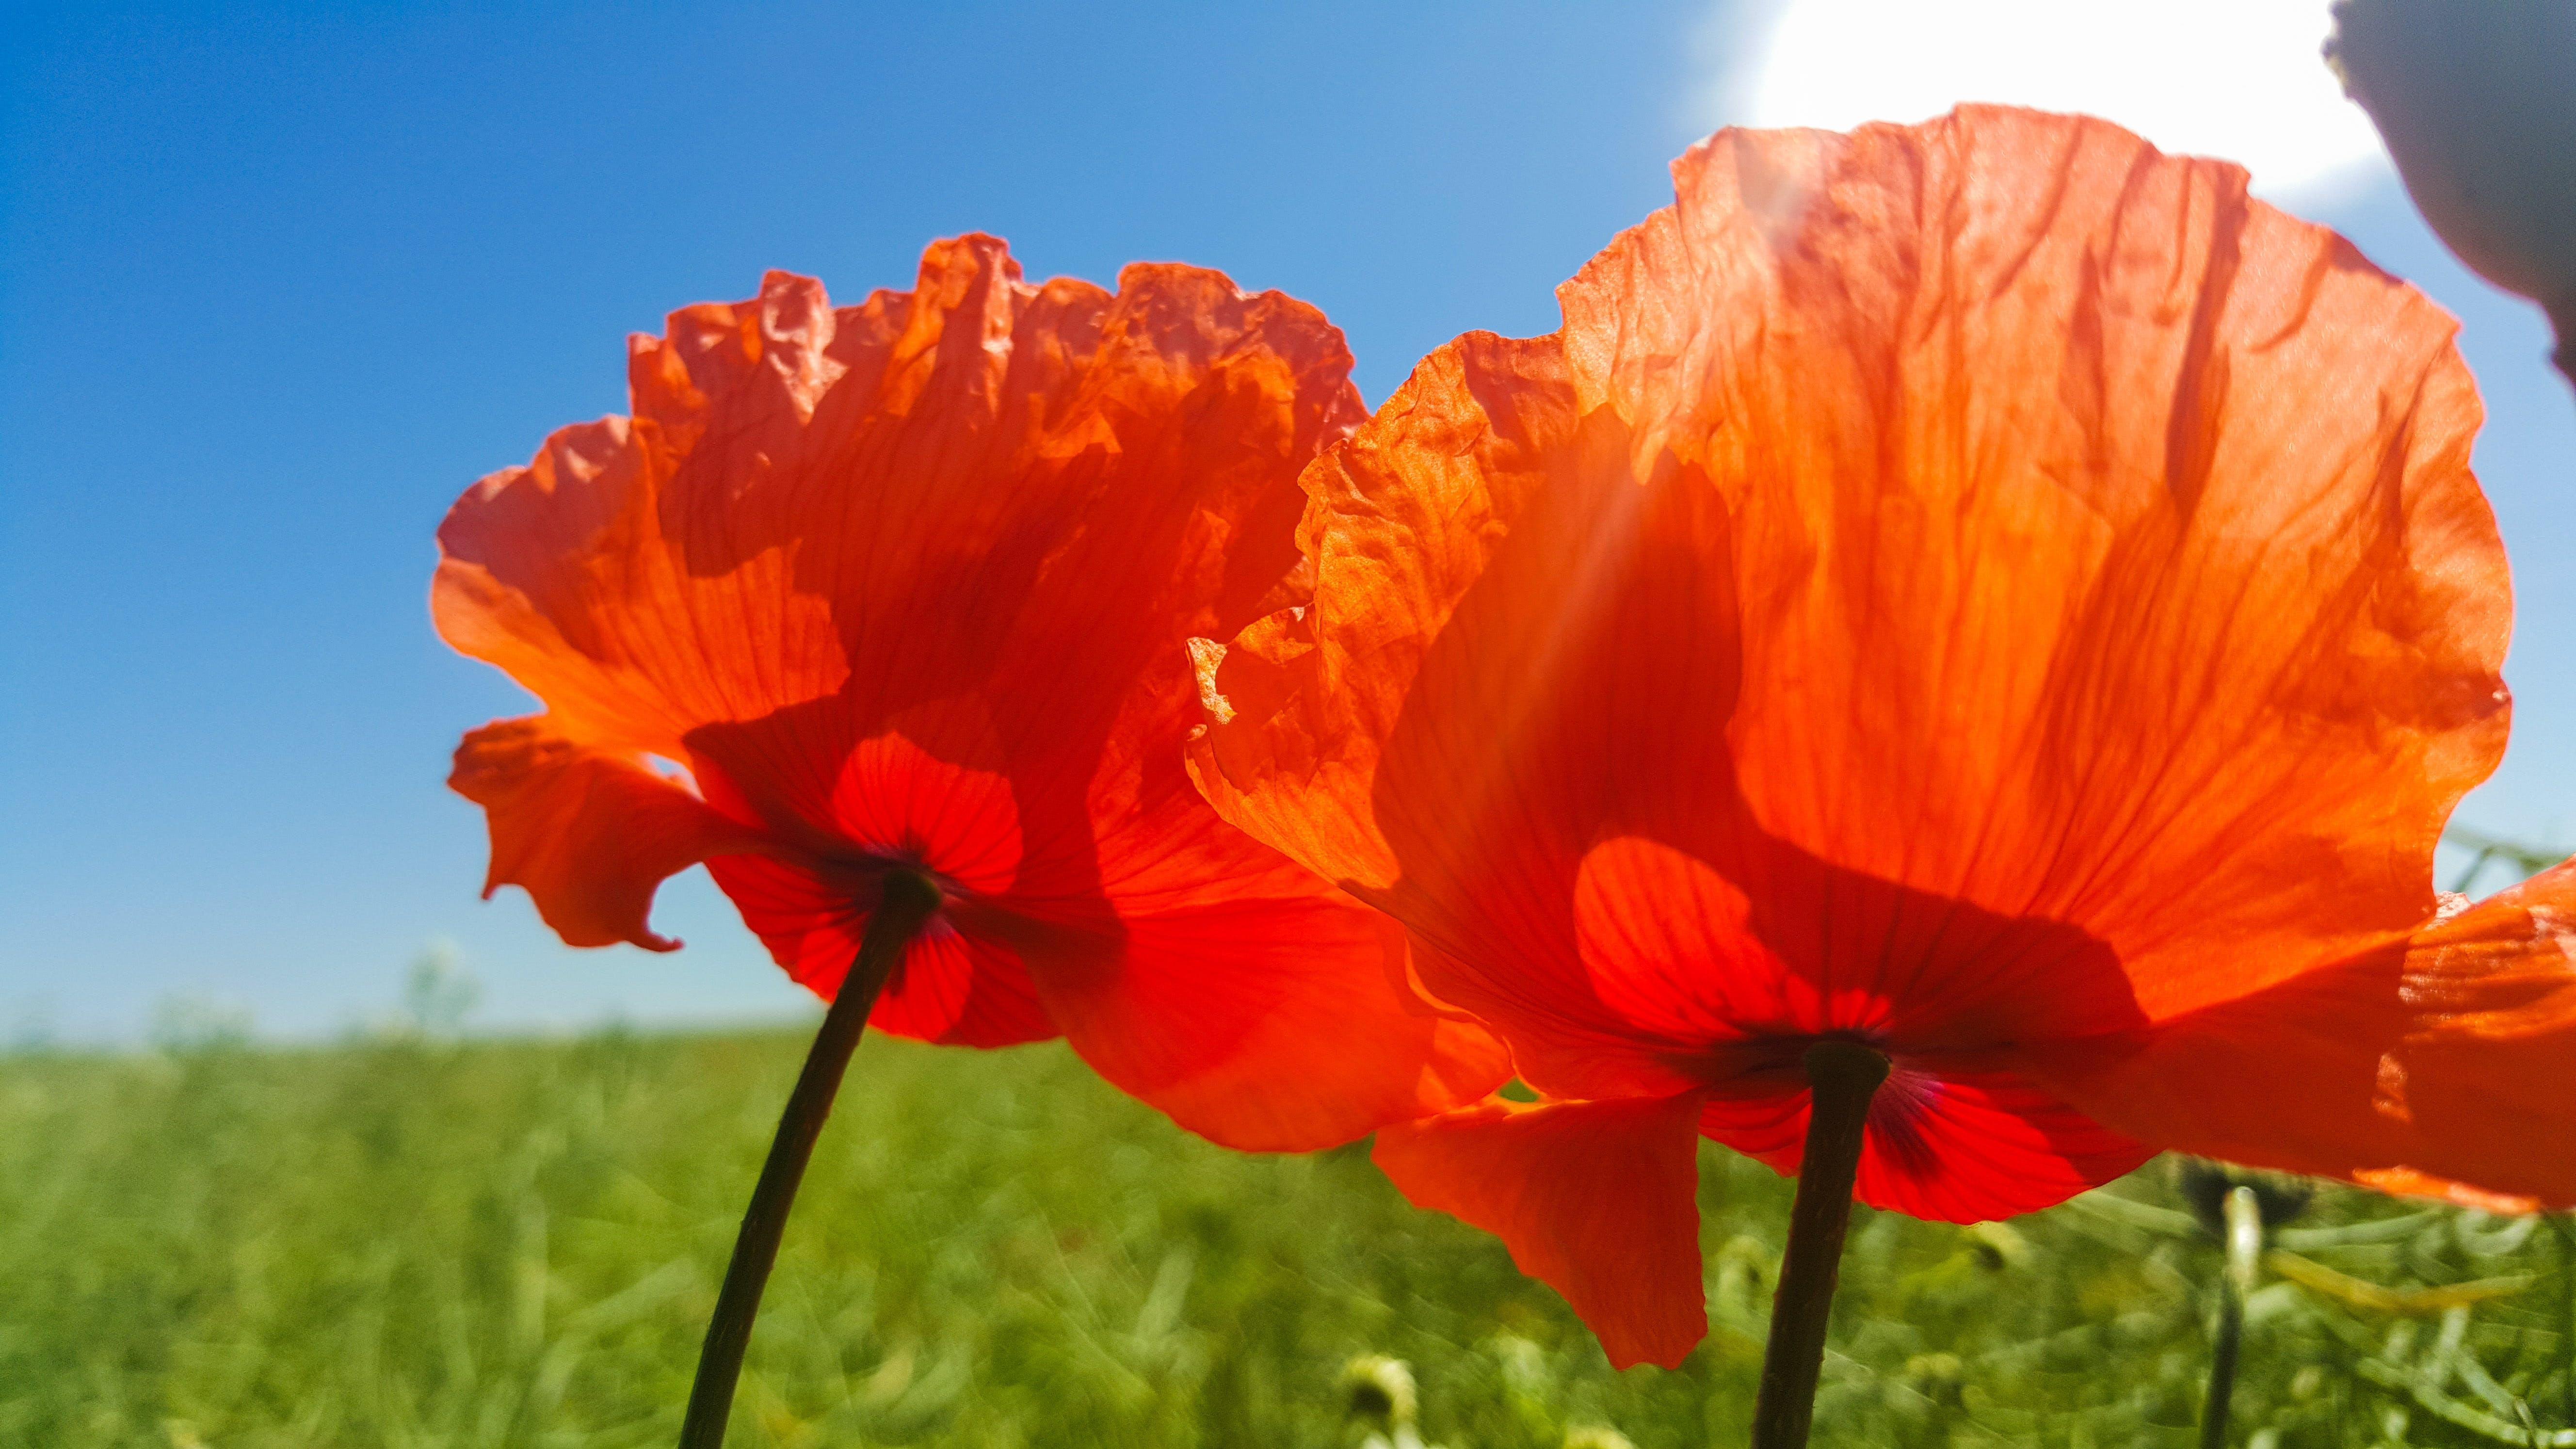 Close Up Photo of Orange Petaled Flower